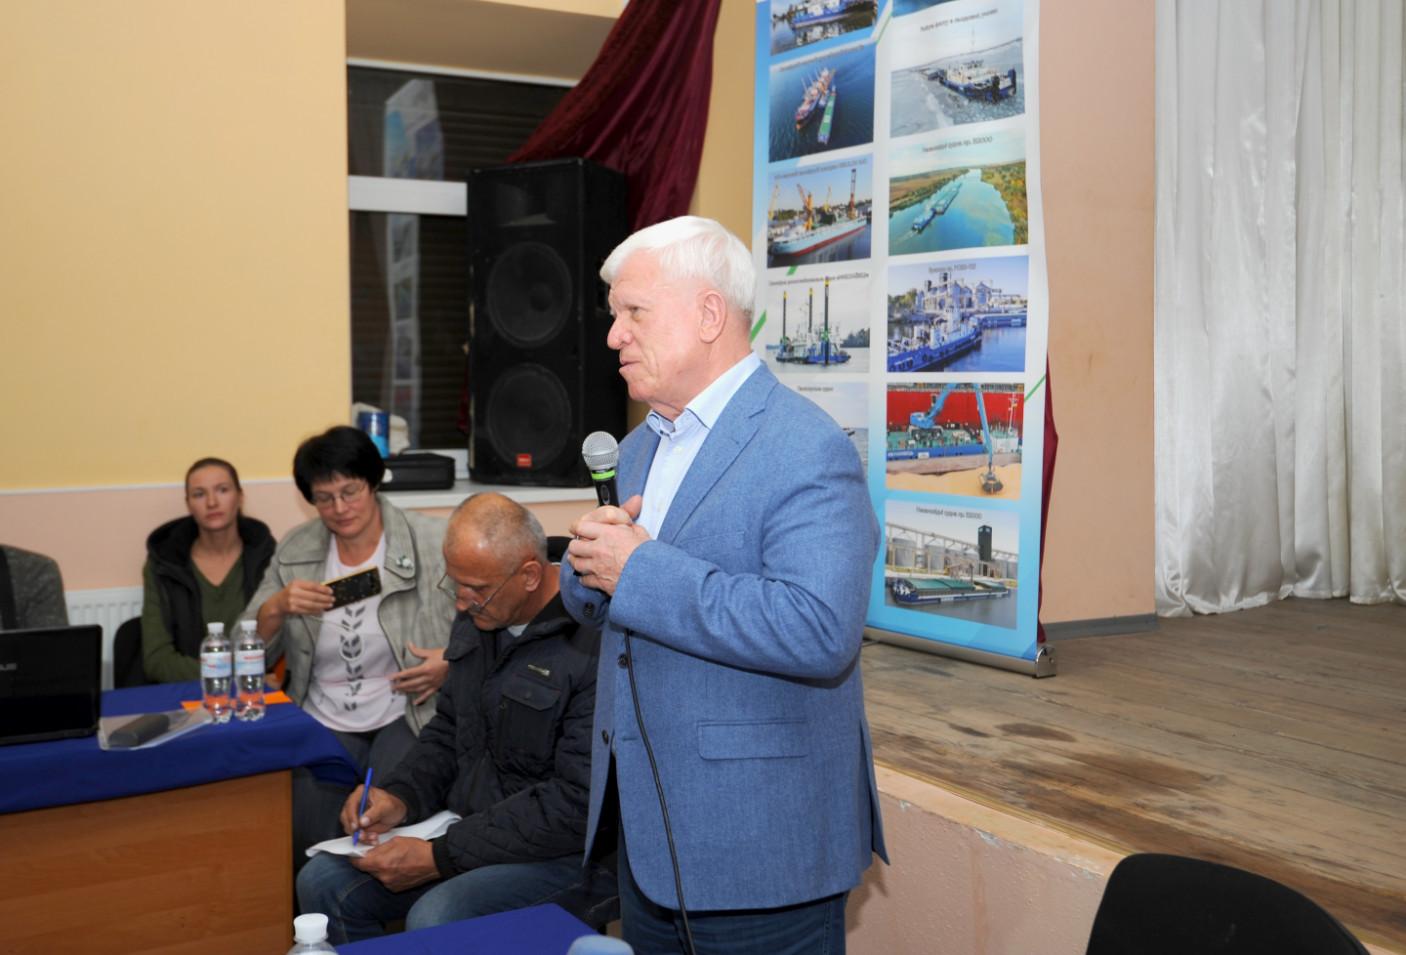 18 жовтня 2019 року відбулися громадські слухання щодо внесення змін у Генплан міста Миколаєва та можливого будівництва нашою компанією сучасного високотехнологічного перевантажувального термінала на в'їзді в мікрорайон Матвіївка у Миколаєві.